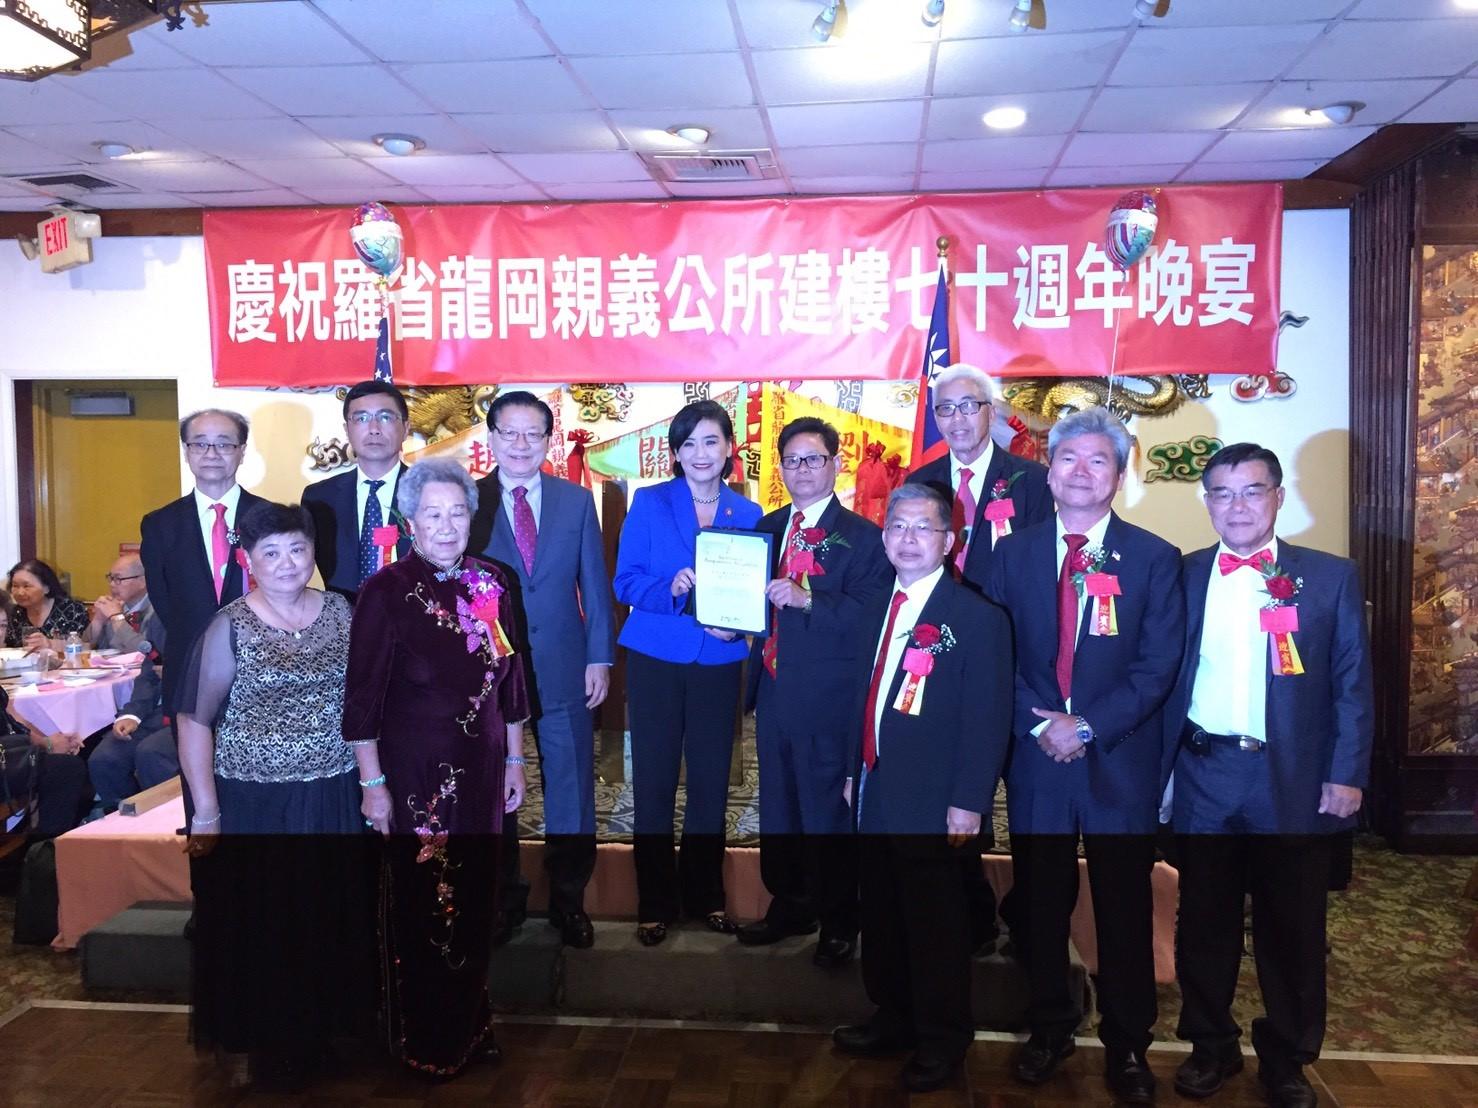 聯邦眾議員趙美心(後左四)出席羅省龍岡親義公所慶祝建樓70週年紀念慶典祭祖典禮晚宴。主辦方提供